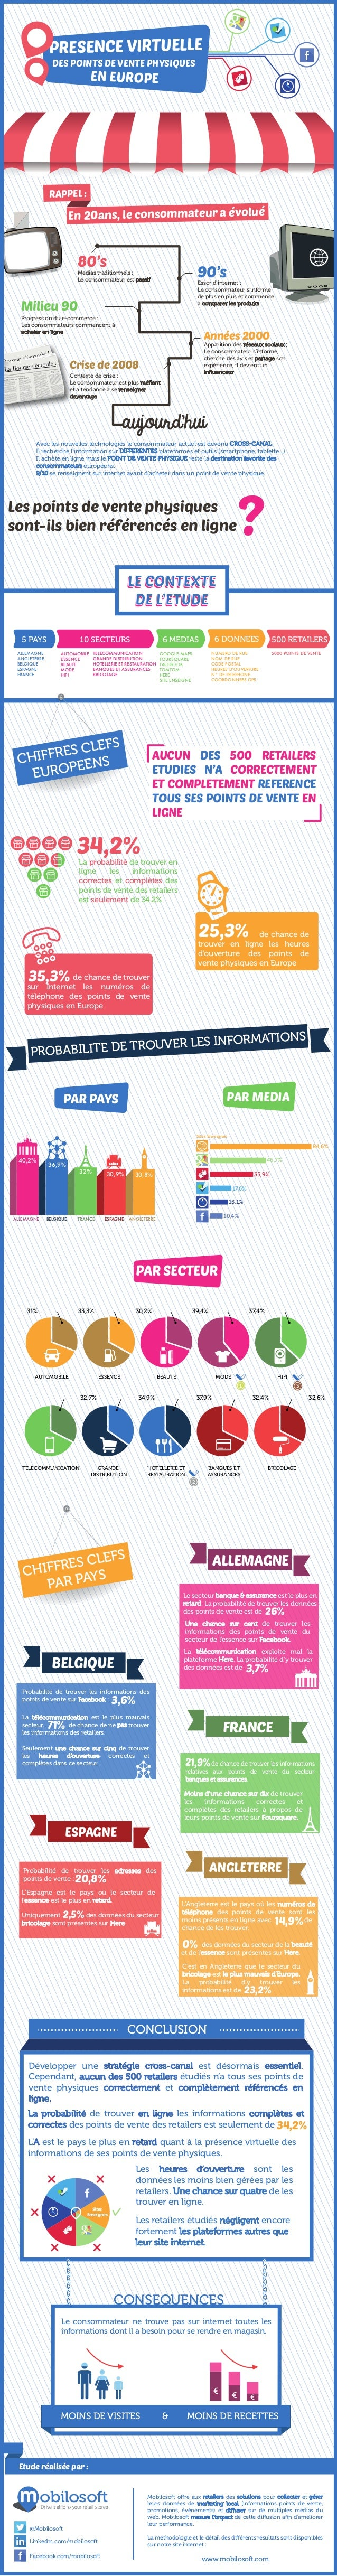 34,2% 5 PAYS 10 SECTEURS 500 RETAILERS6 MEDIAS 6 DONNEES ALLEMAGNE ANGLETERRE BELGIQUE ESPAGNE FRANCE AUTOMOBILE ESSENCE B...